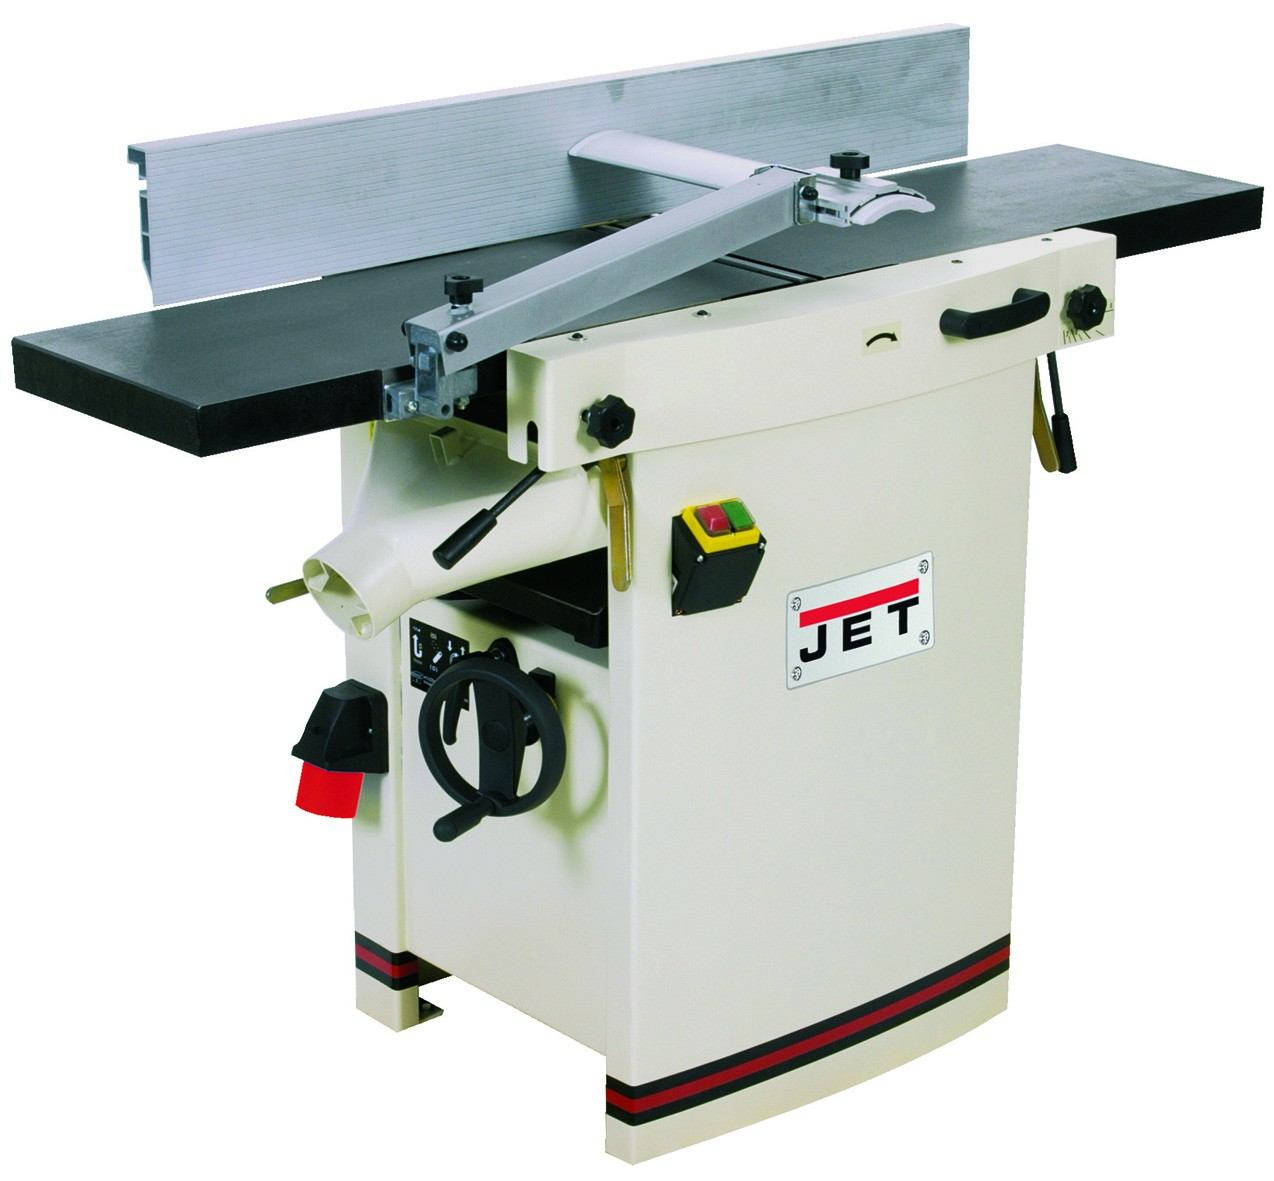 Raboteuse-dégauchisseuse JET JPT-310